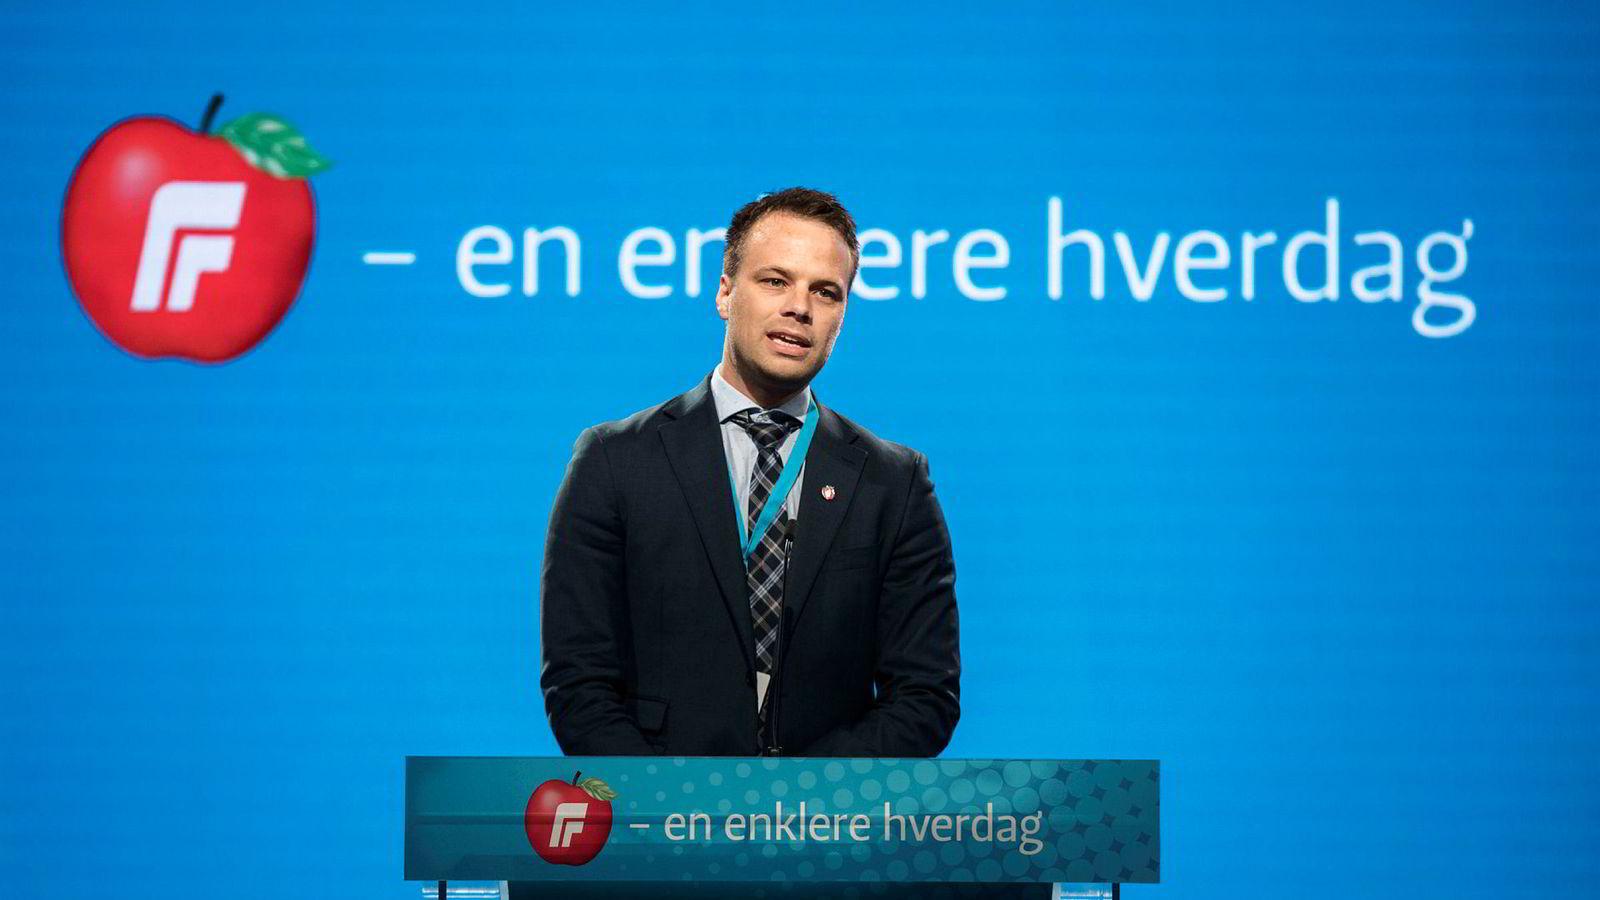 – Frp og Sverigedemokraterna mener det samme om innvandringspolitikk, sier Jon Helgheim (Frp), her på talerstolen under Fremskrittspartiets landsmøte.